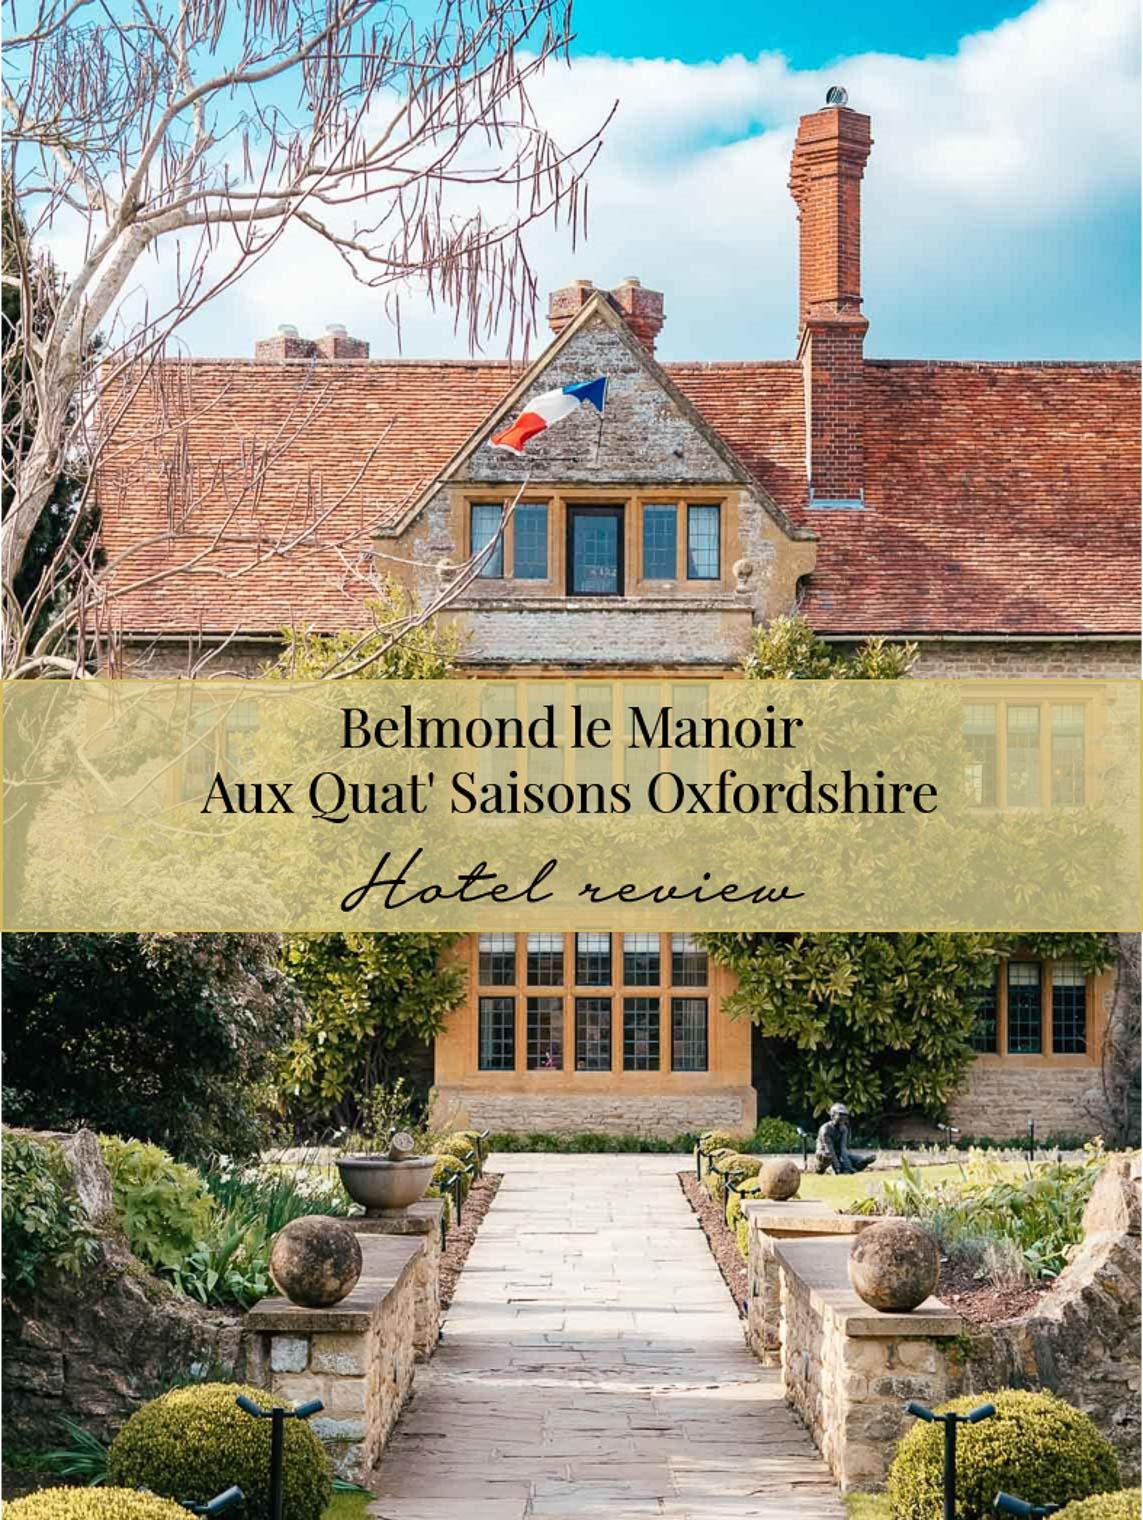 Hotel review: Belmond Le Manoir Aux Quat'Saisons hotel Oxfordshire